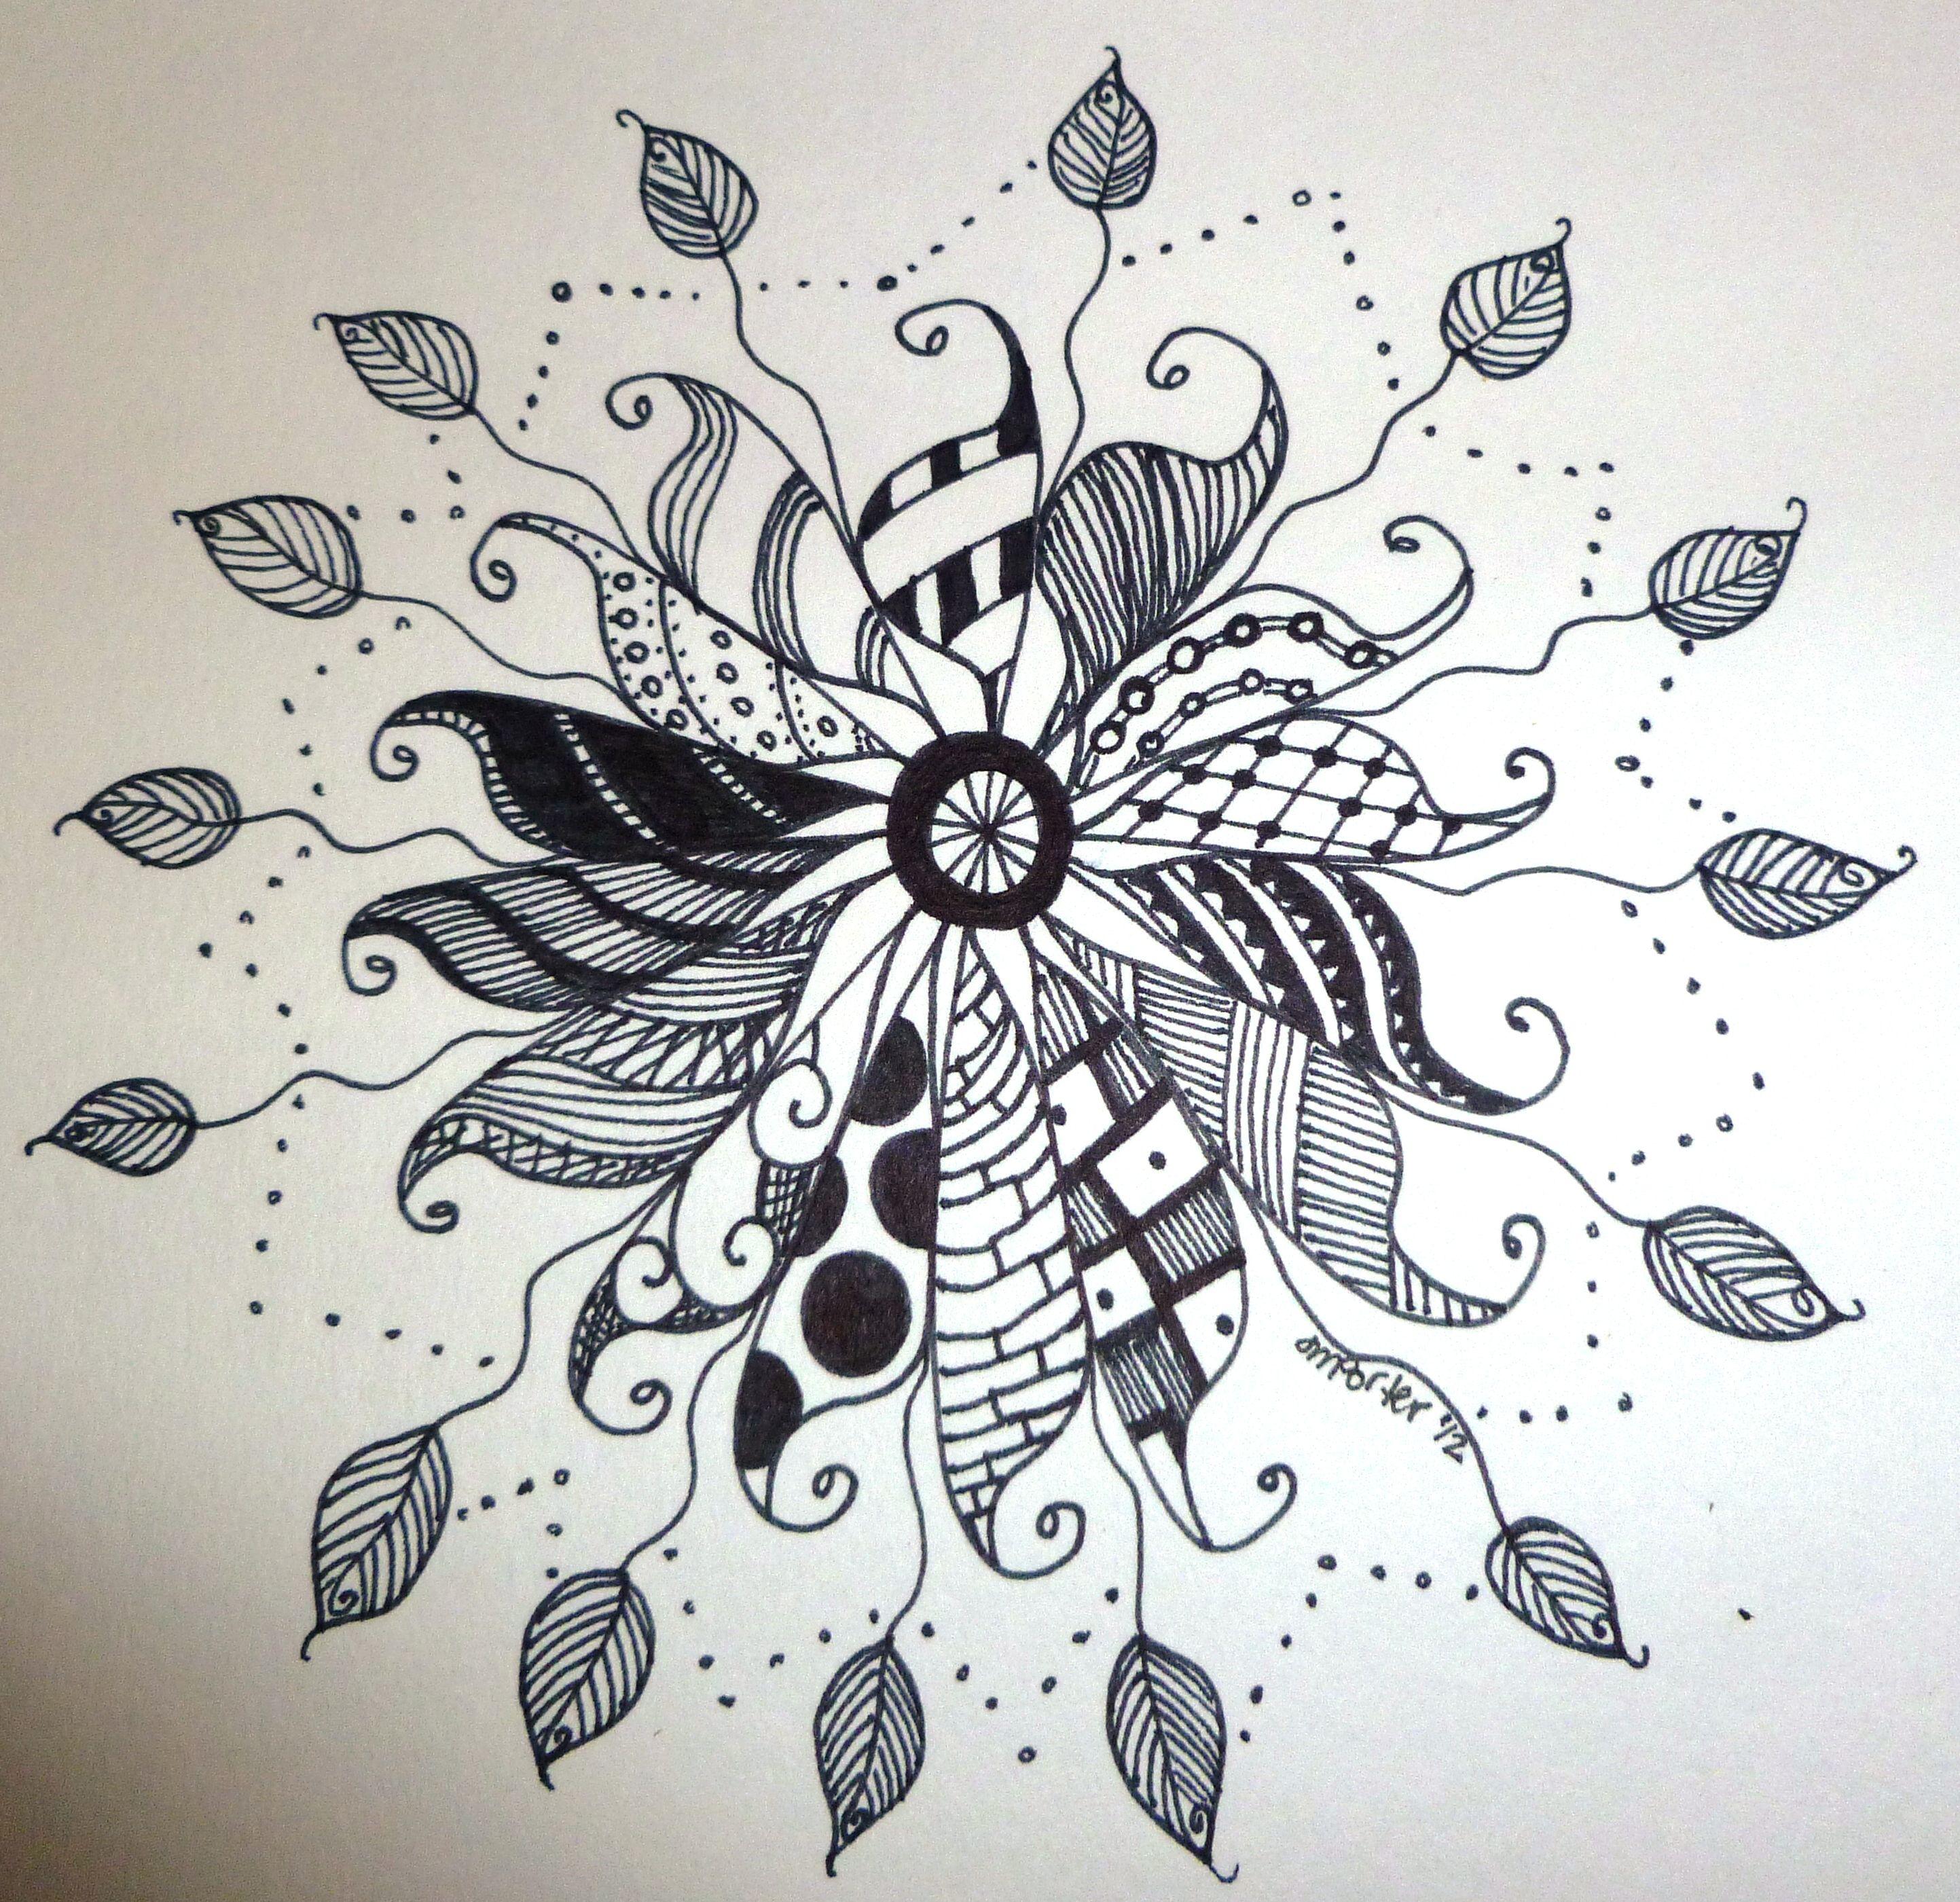 Zen doodle colour -  Zen Style Doodle Art By Jmporter